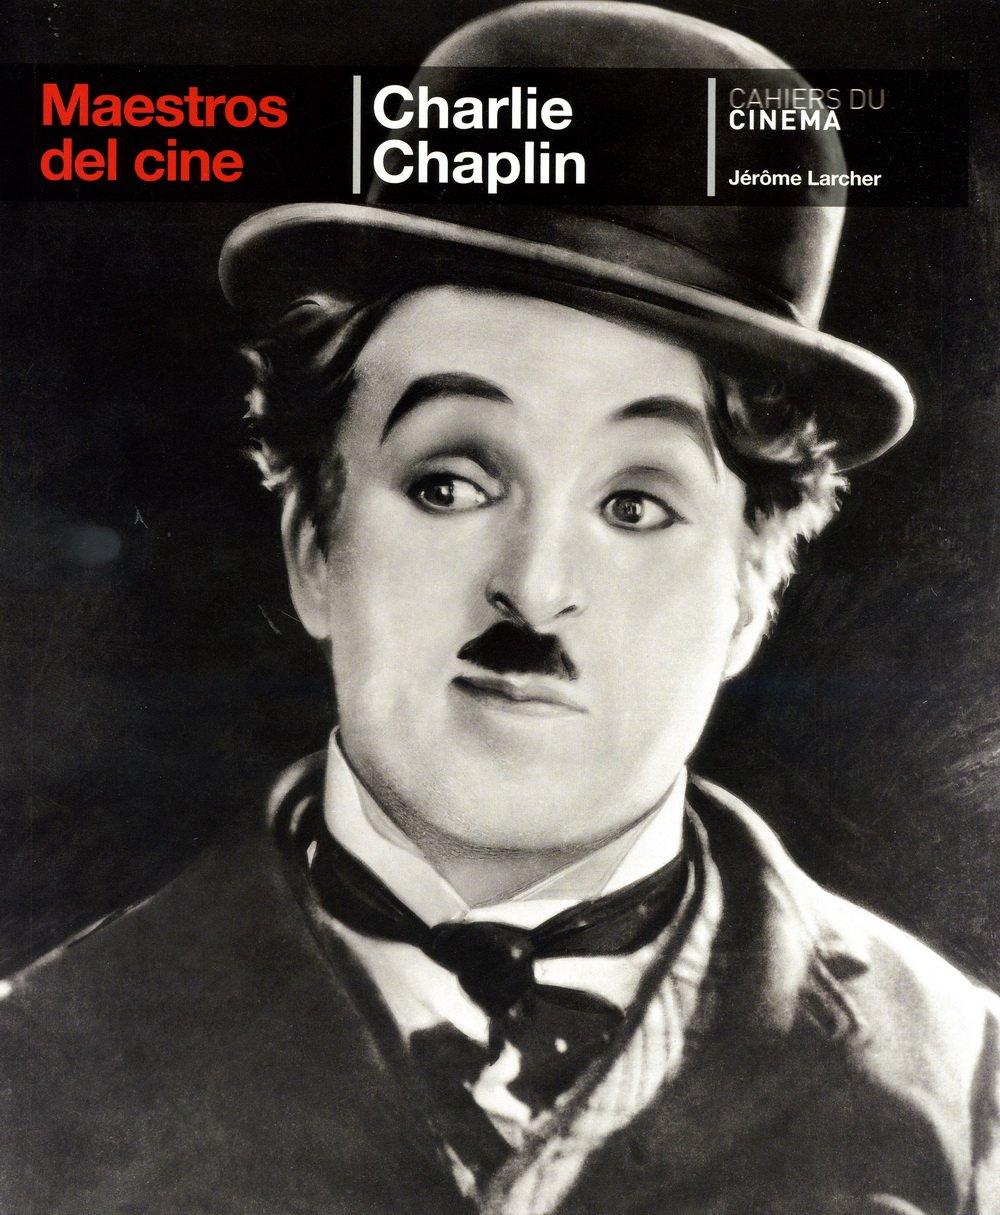 Maestros del Cine: Charlie Chaplin ebook